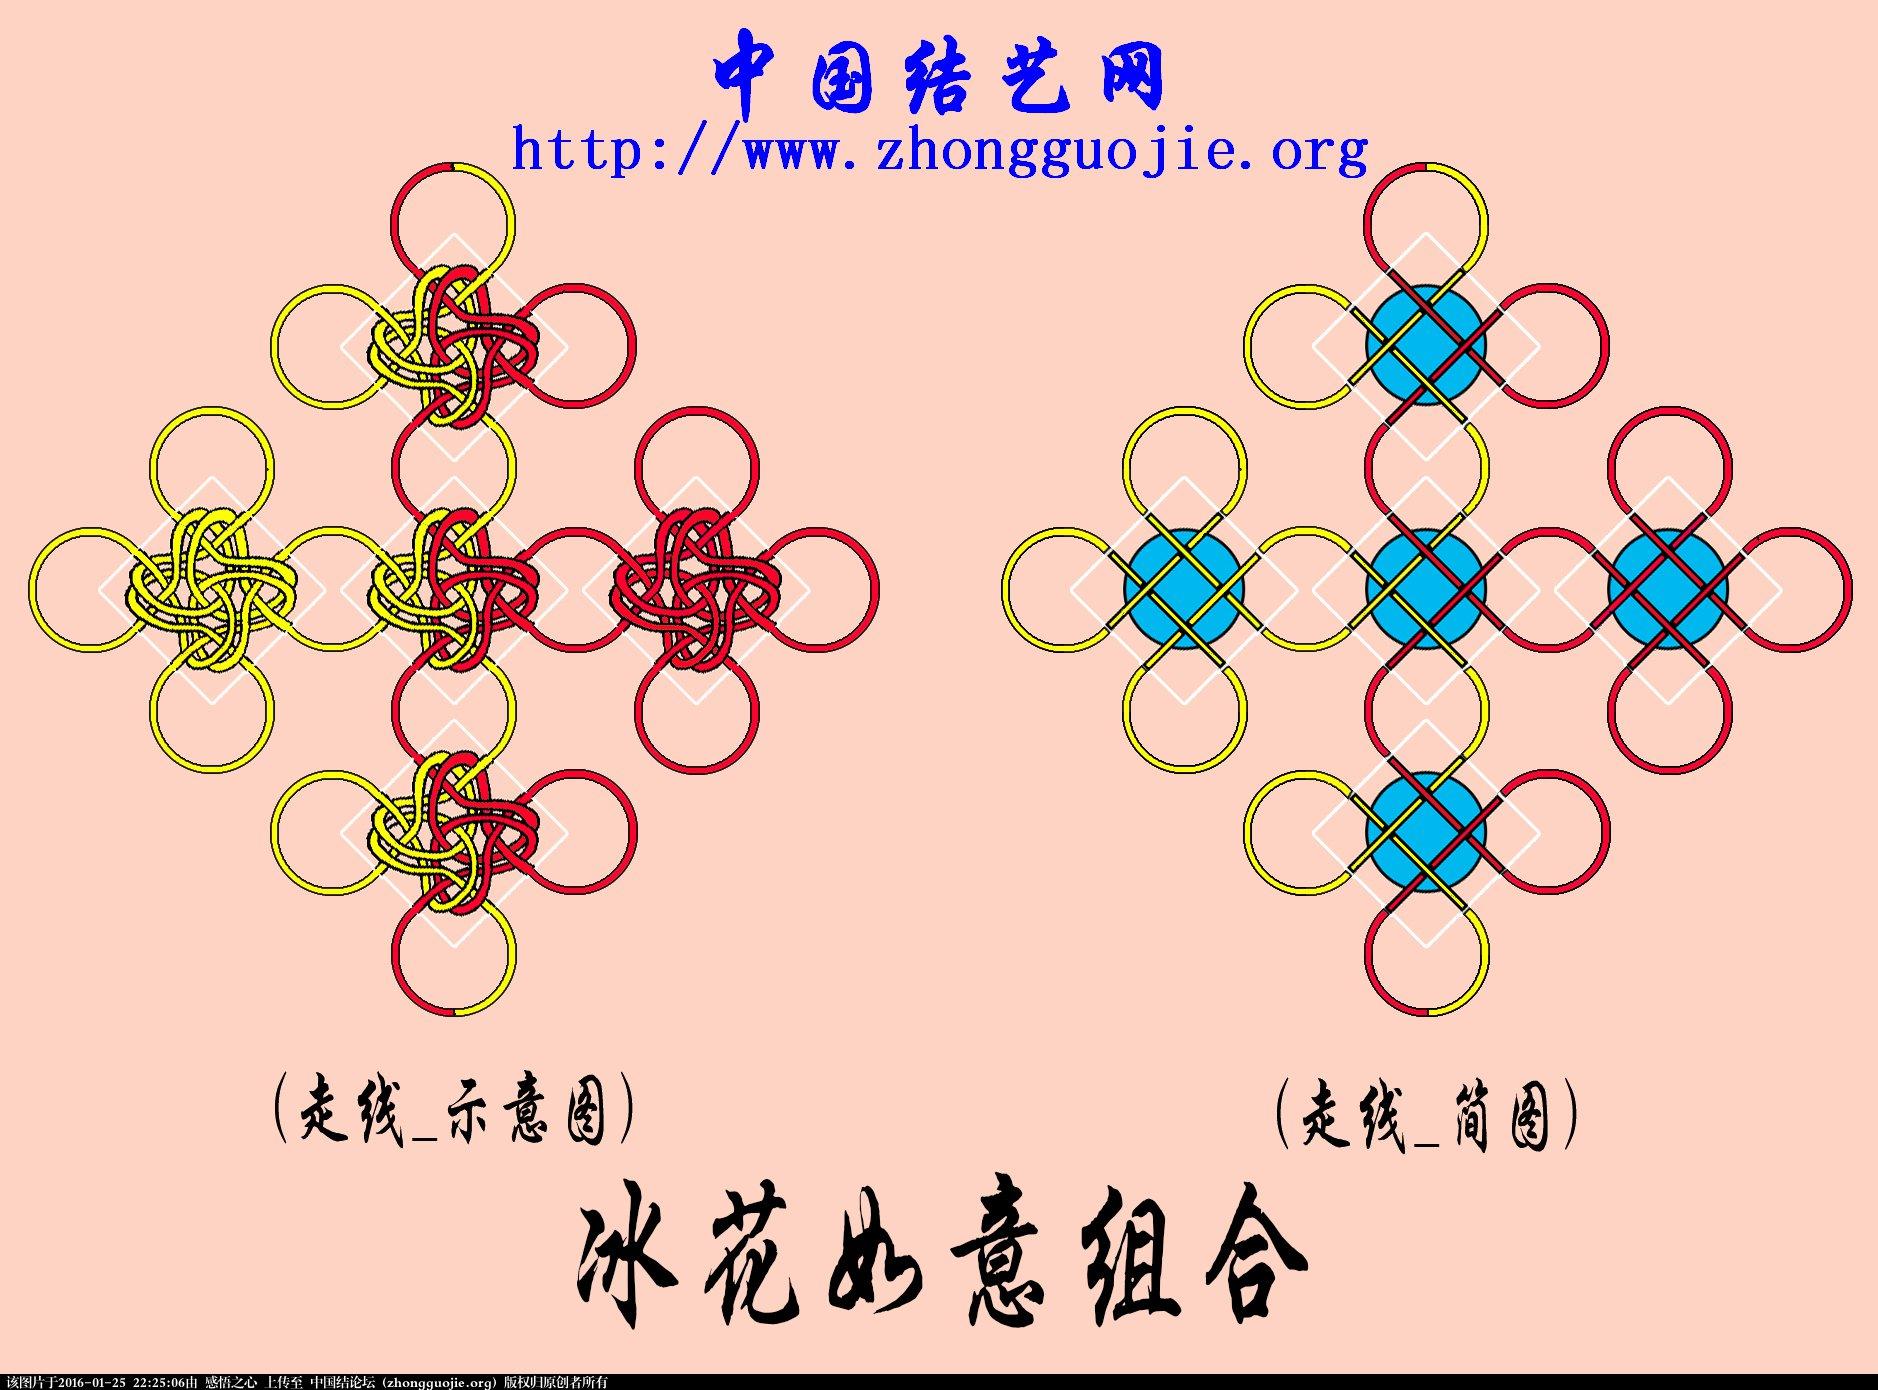 中国结论坛   冰花结(华瑶结)的教程与讨论区 222326kx3ke4x6e33ln5ey